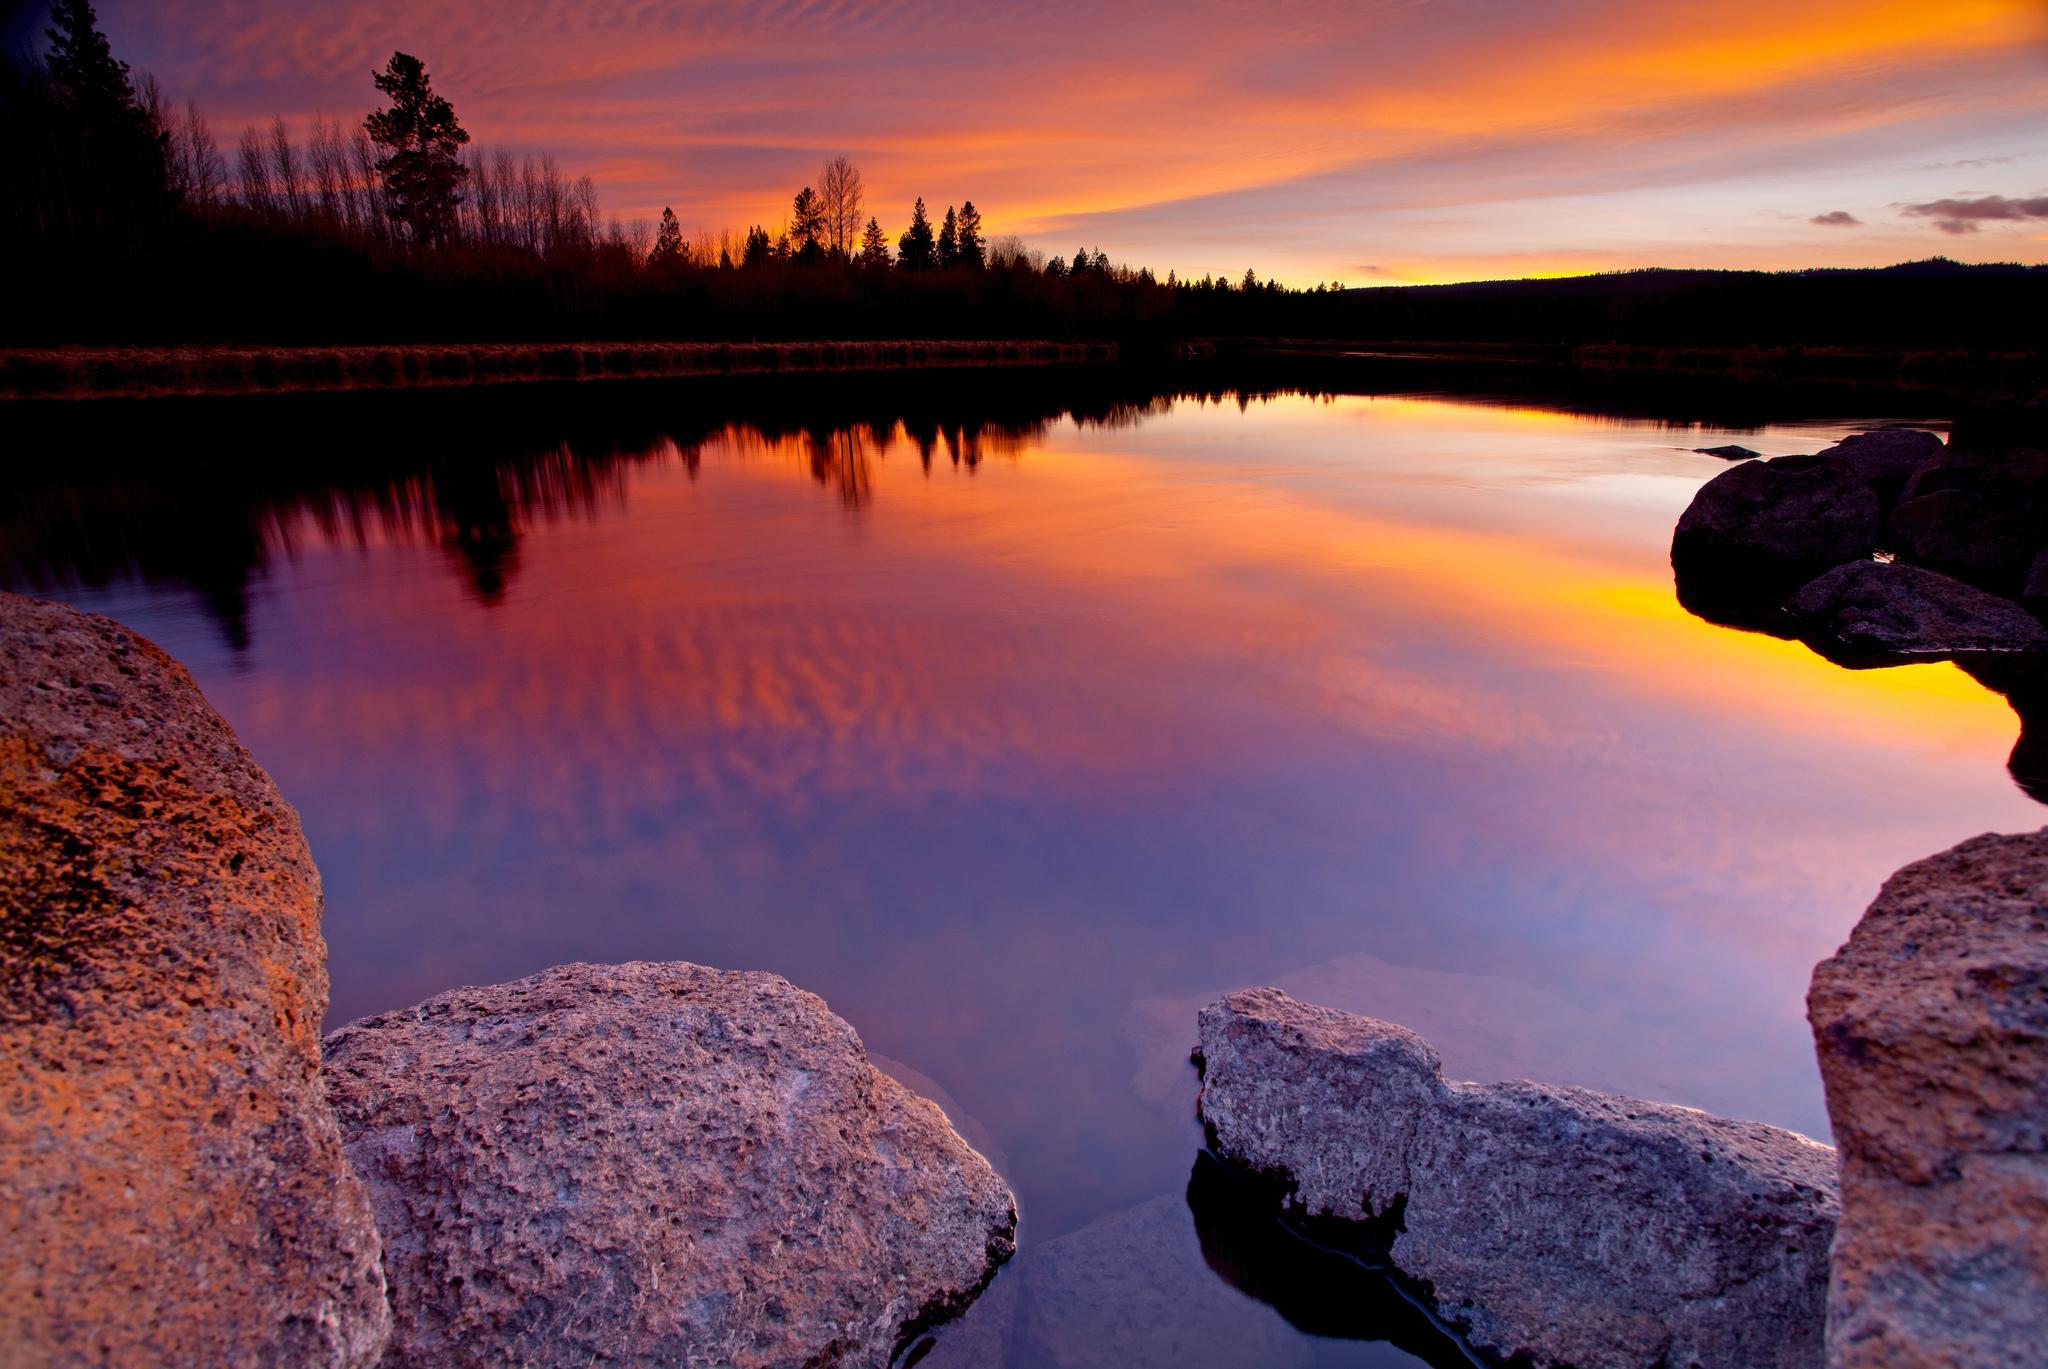 озеро в лесу на закате  № 380264 загрузить